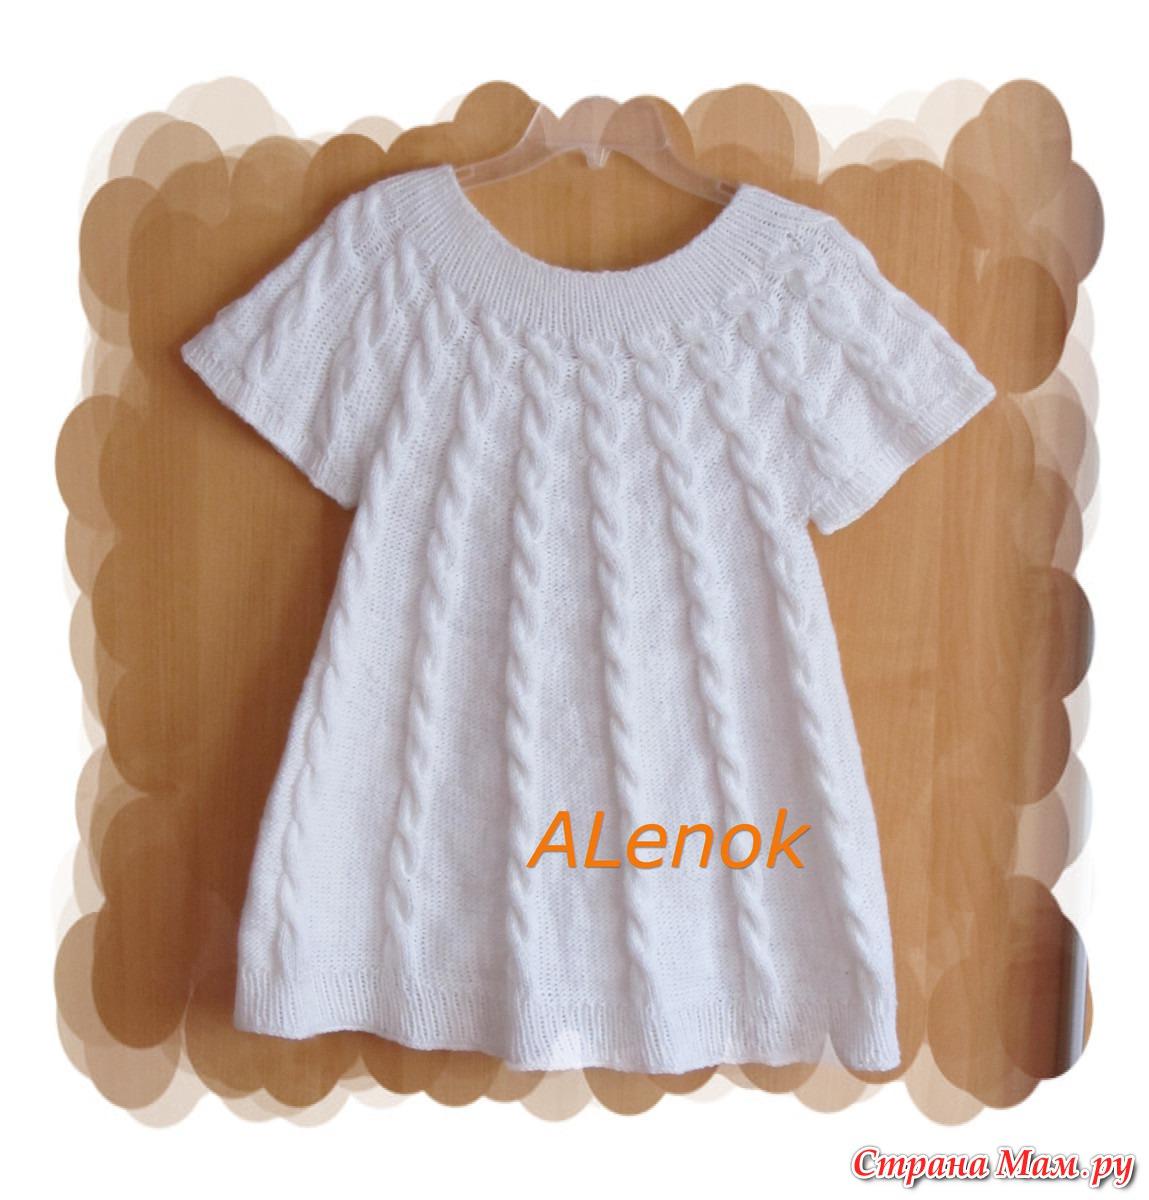 Вязание платья регланом для девочки спицами сверху